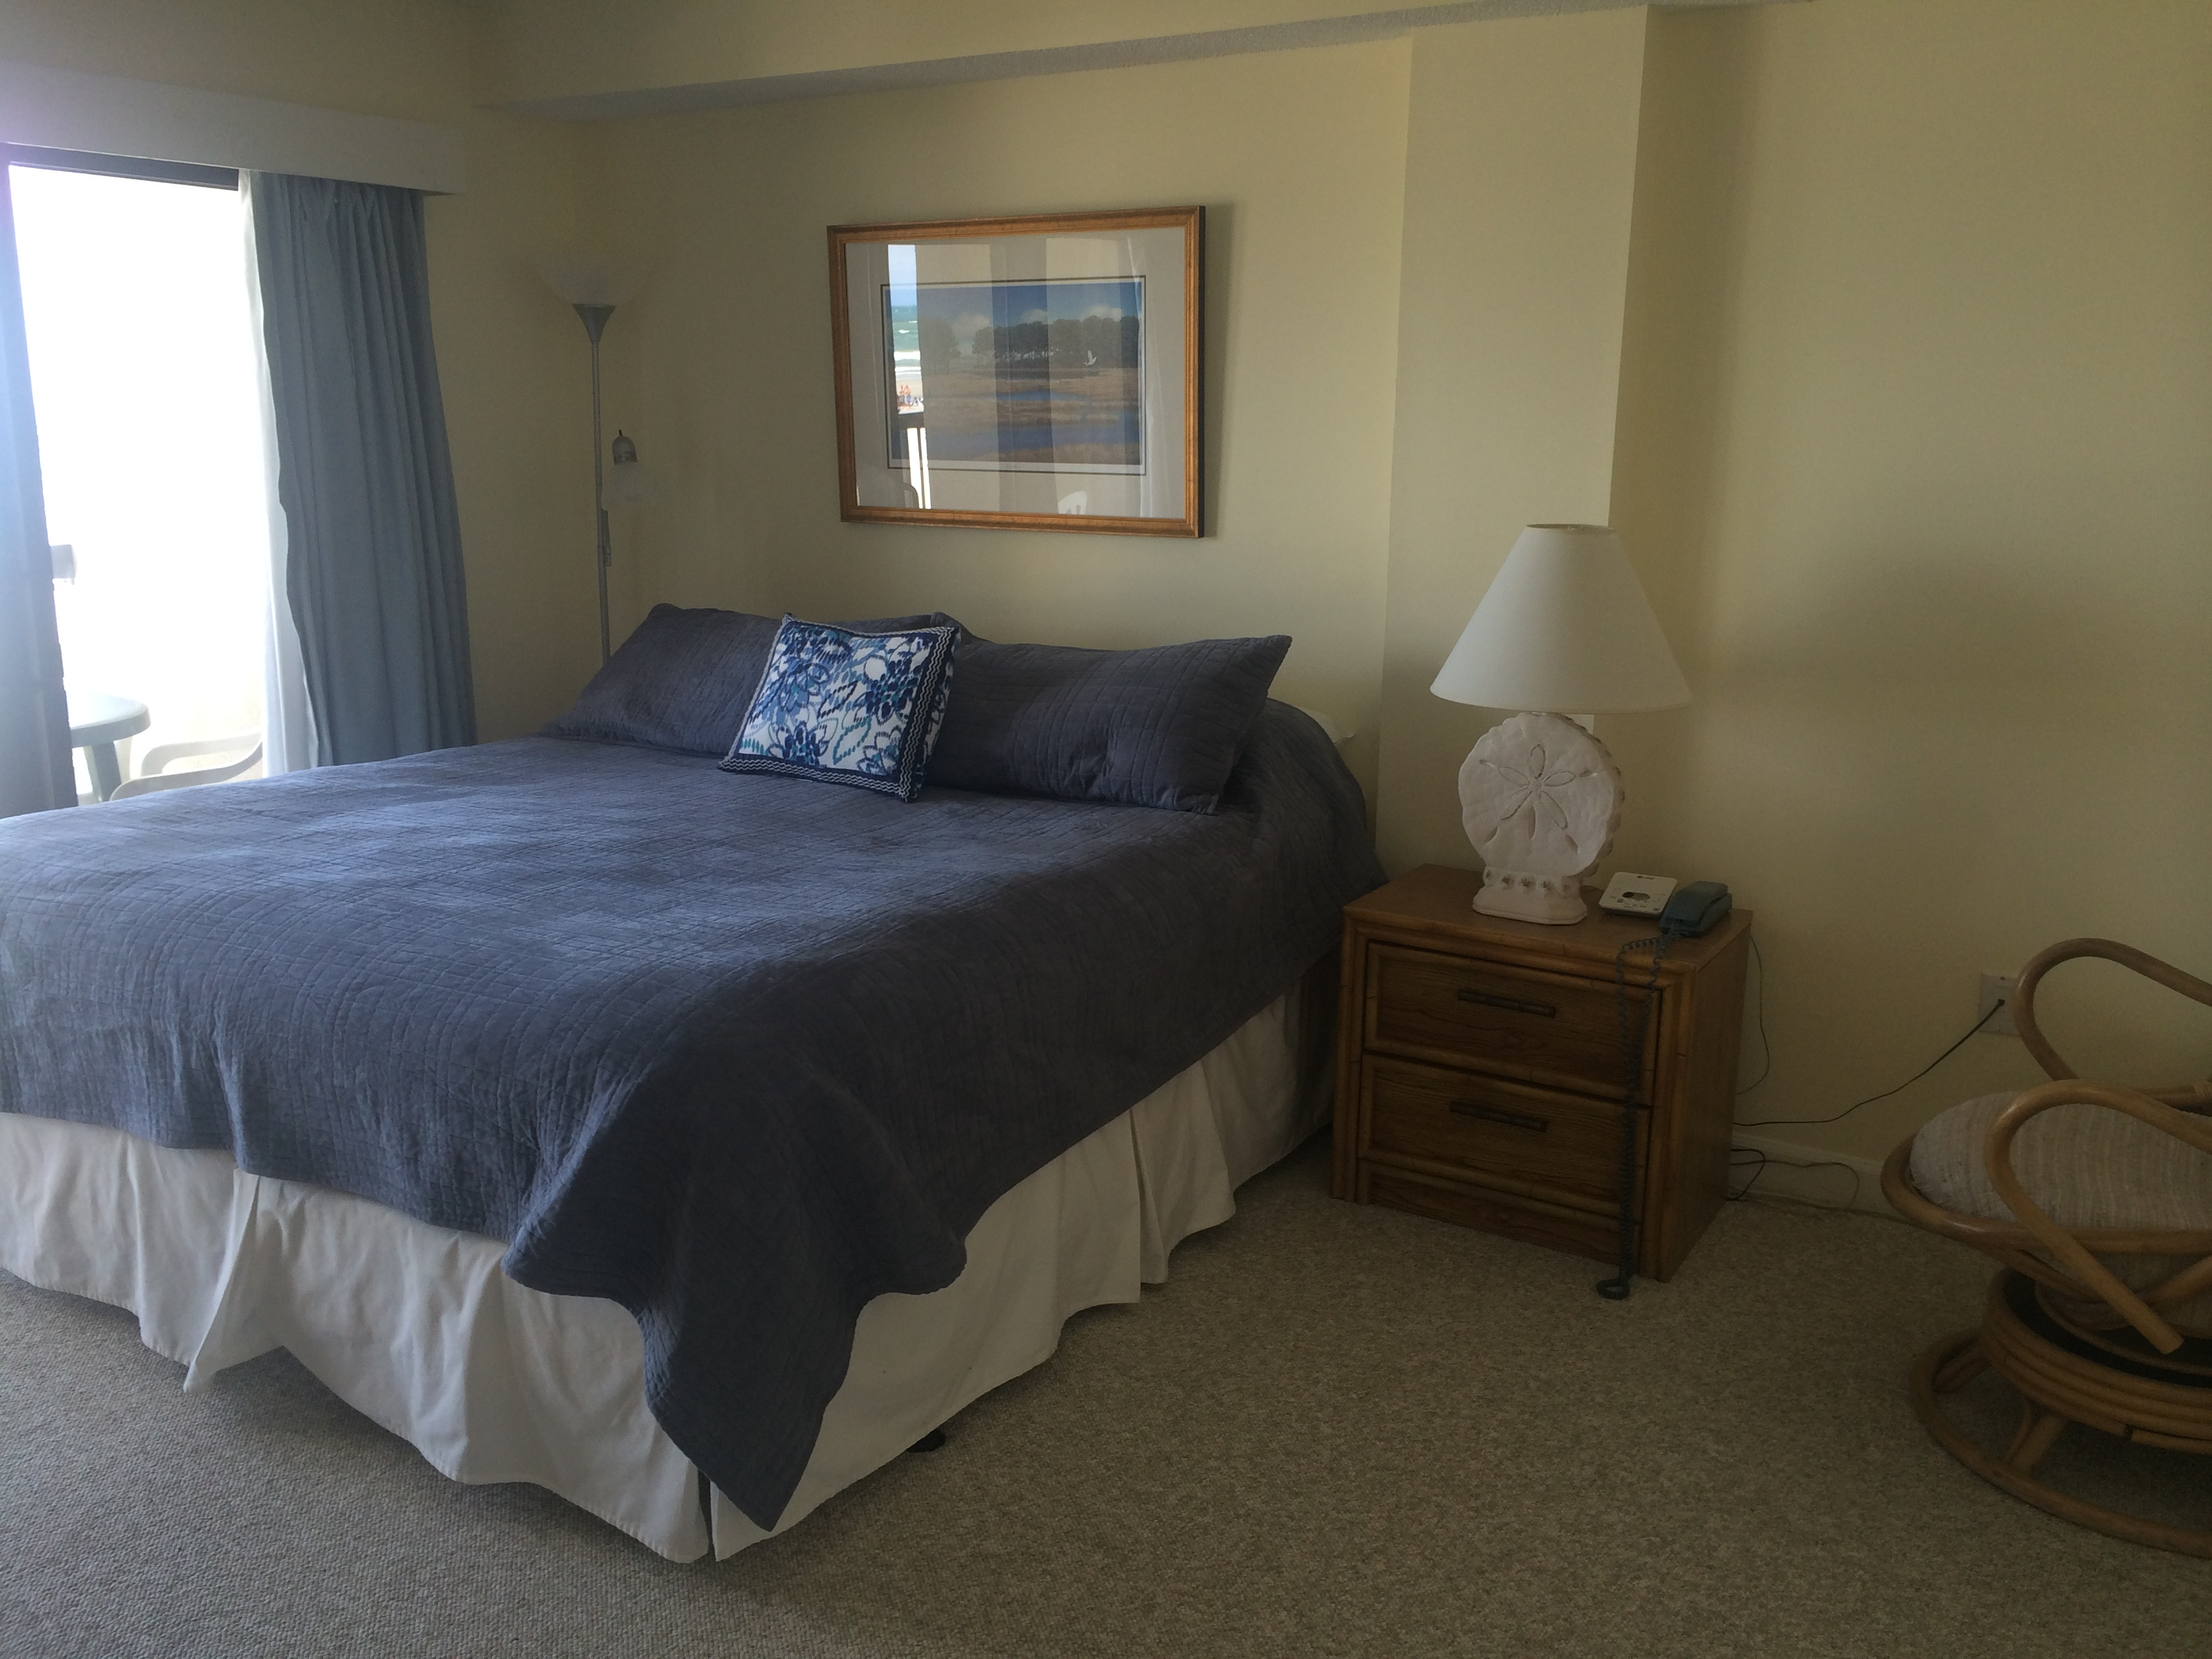 Condo Rooms In Myrtle Beach Sc